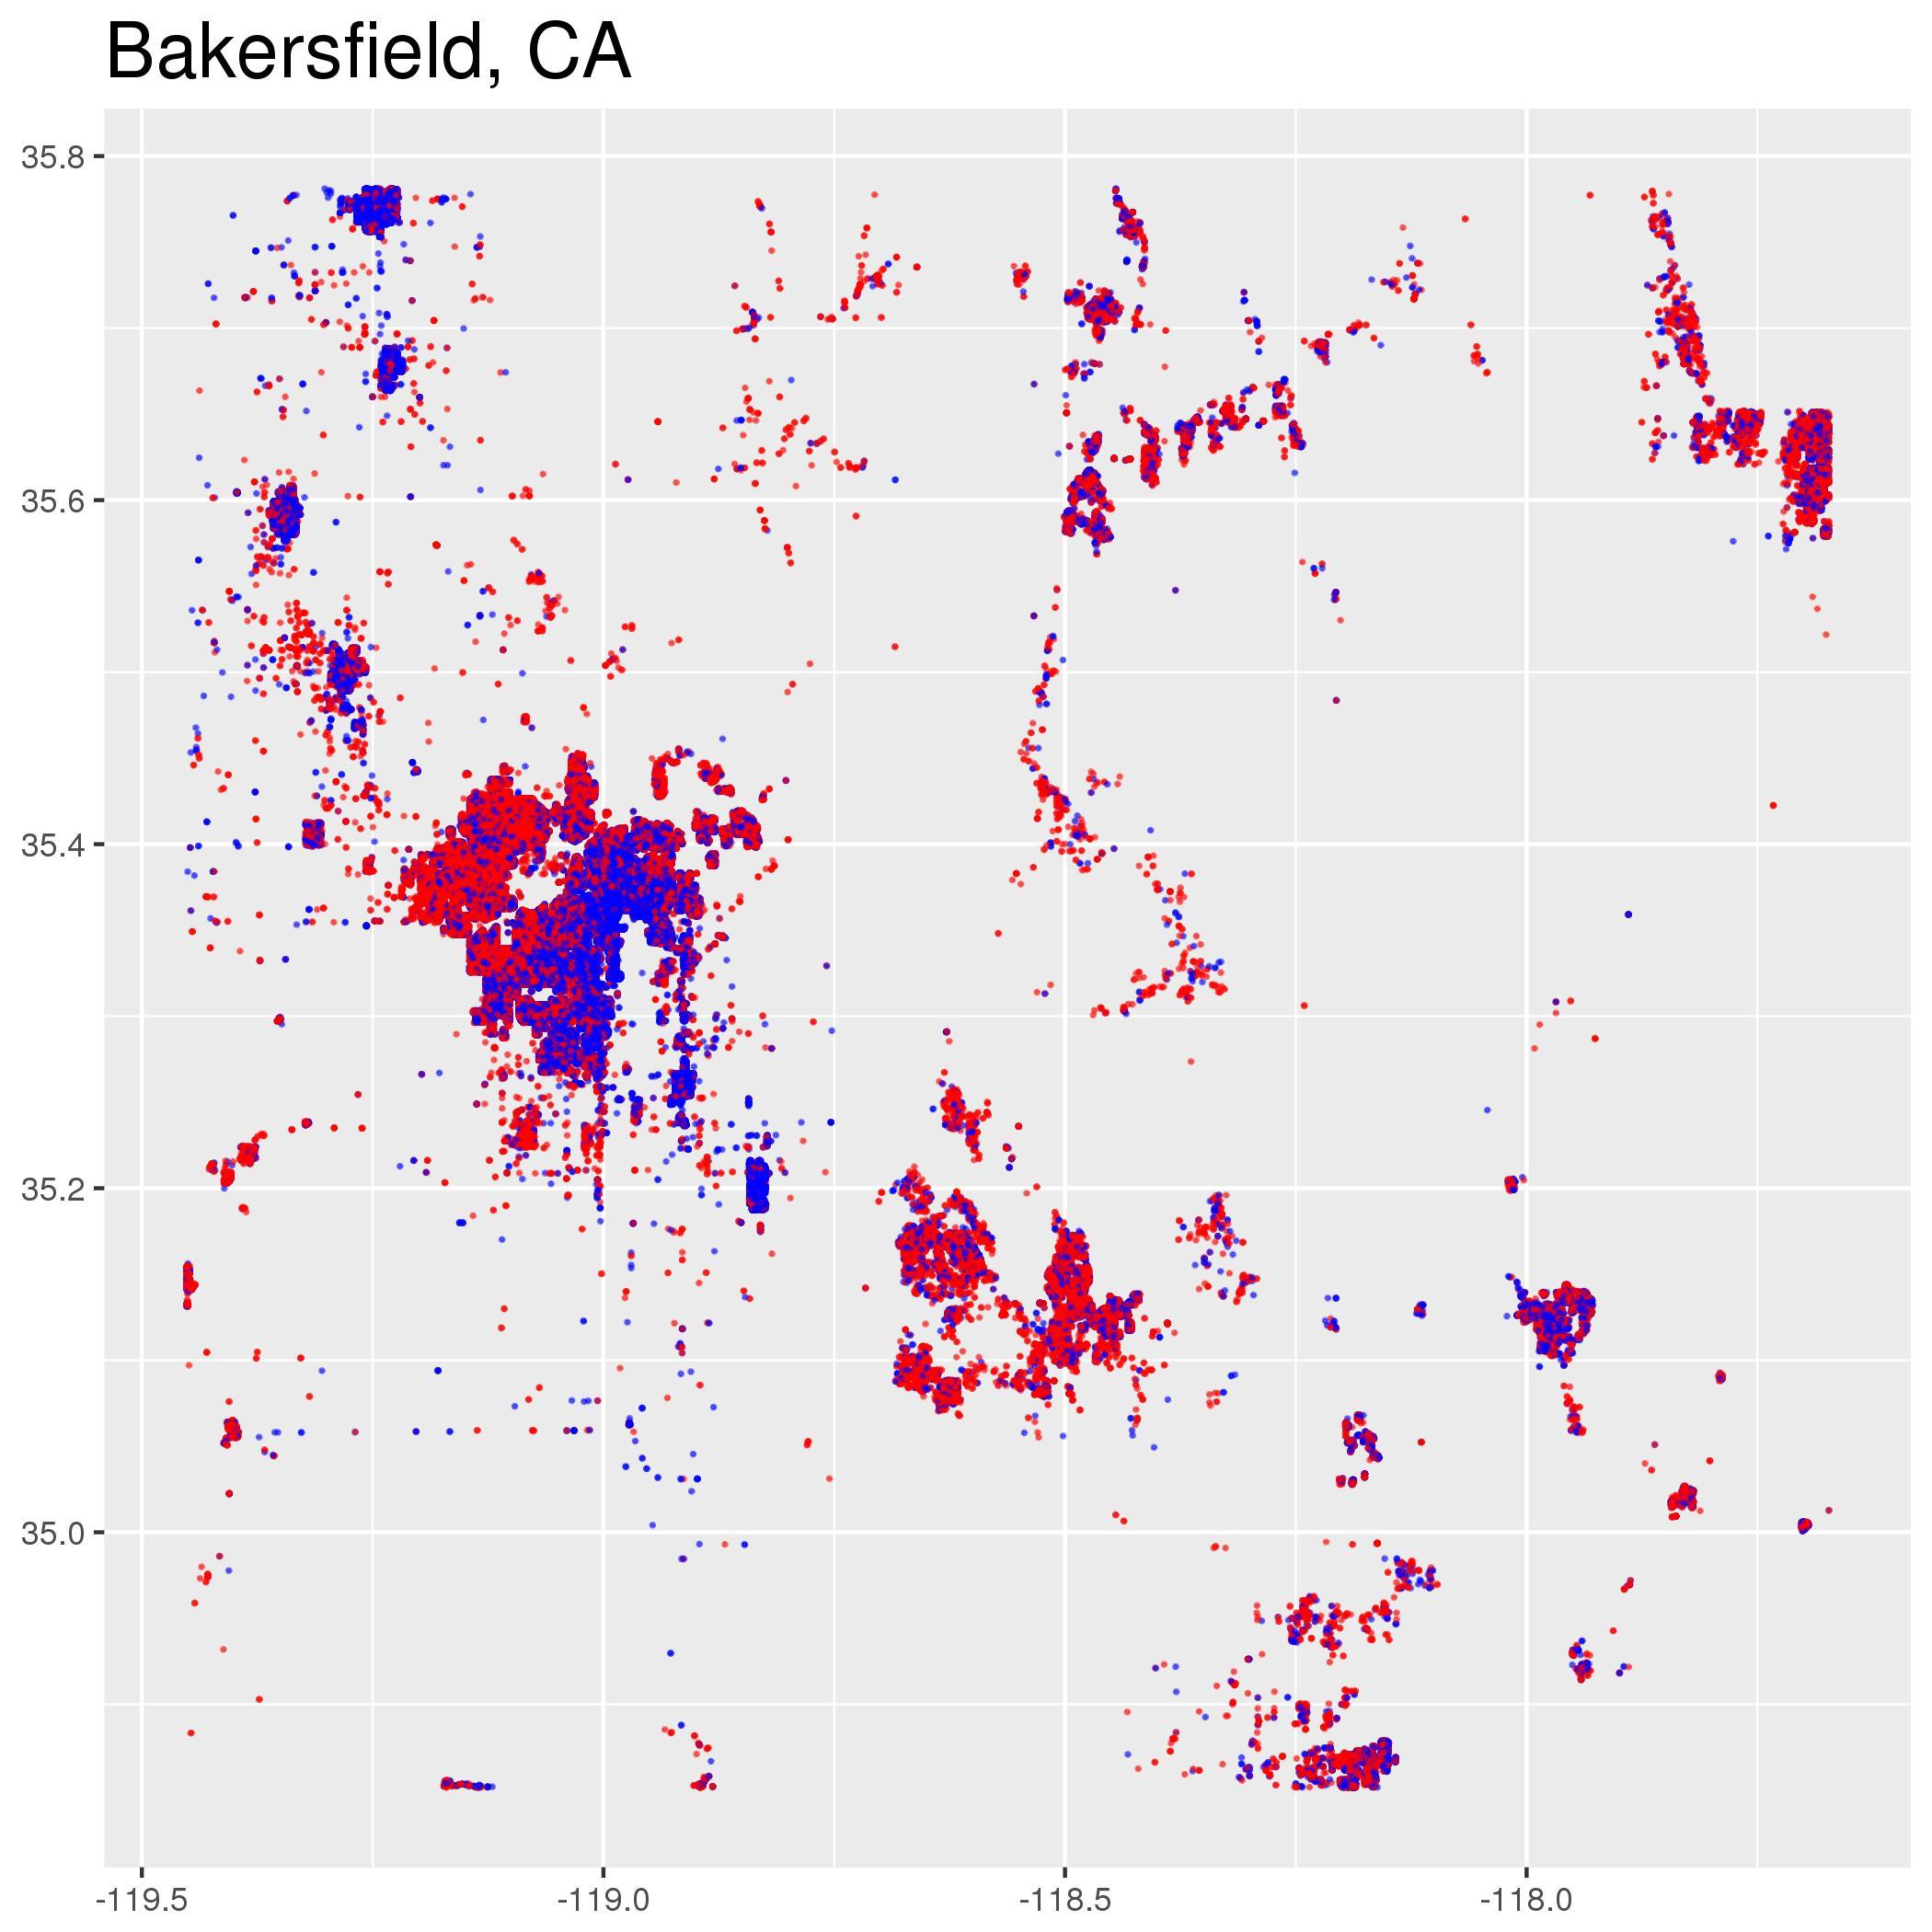 BakersfieldCA.jpeg